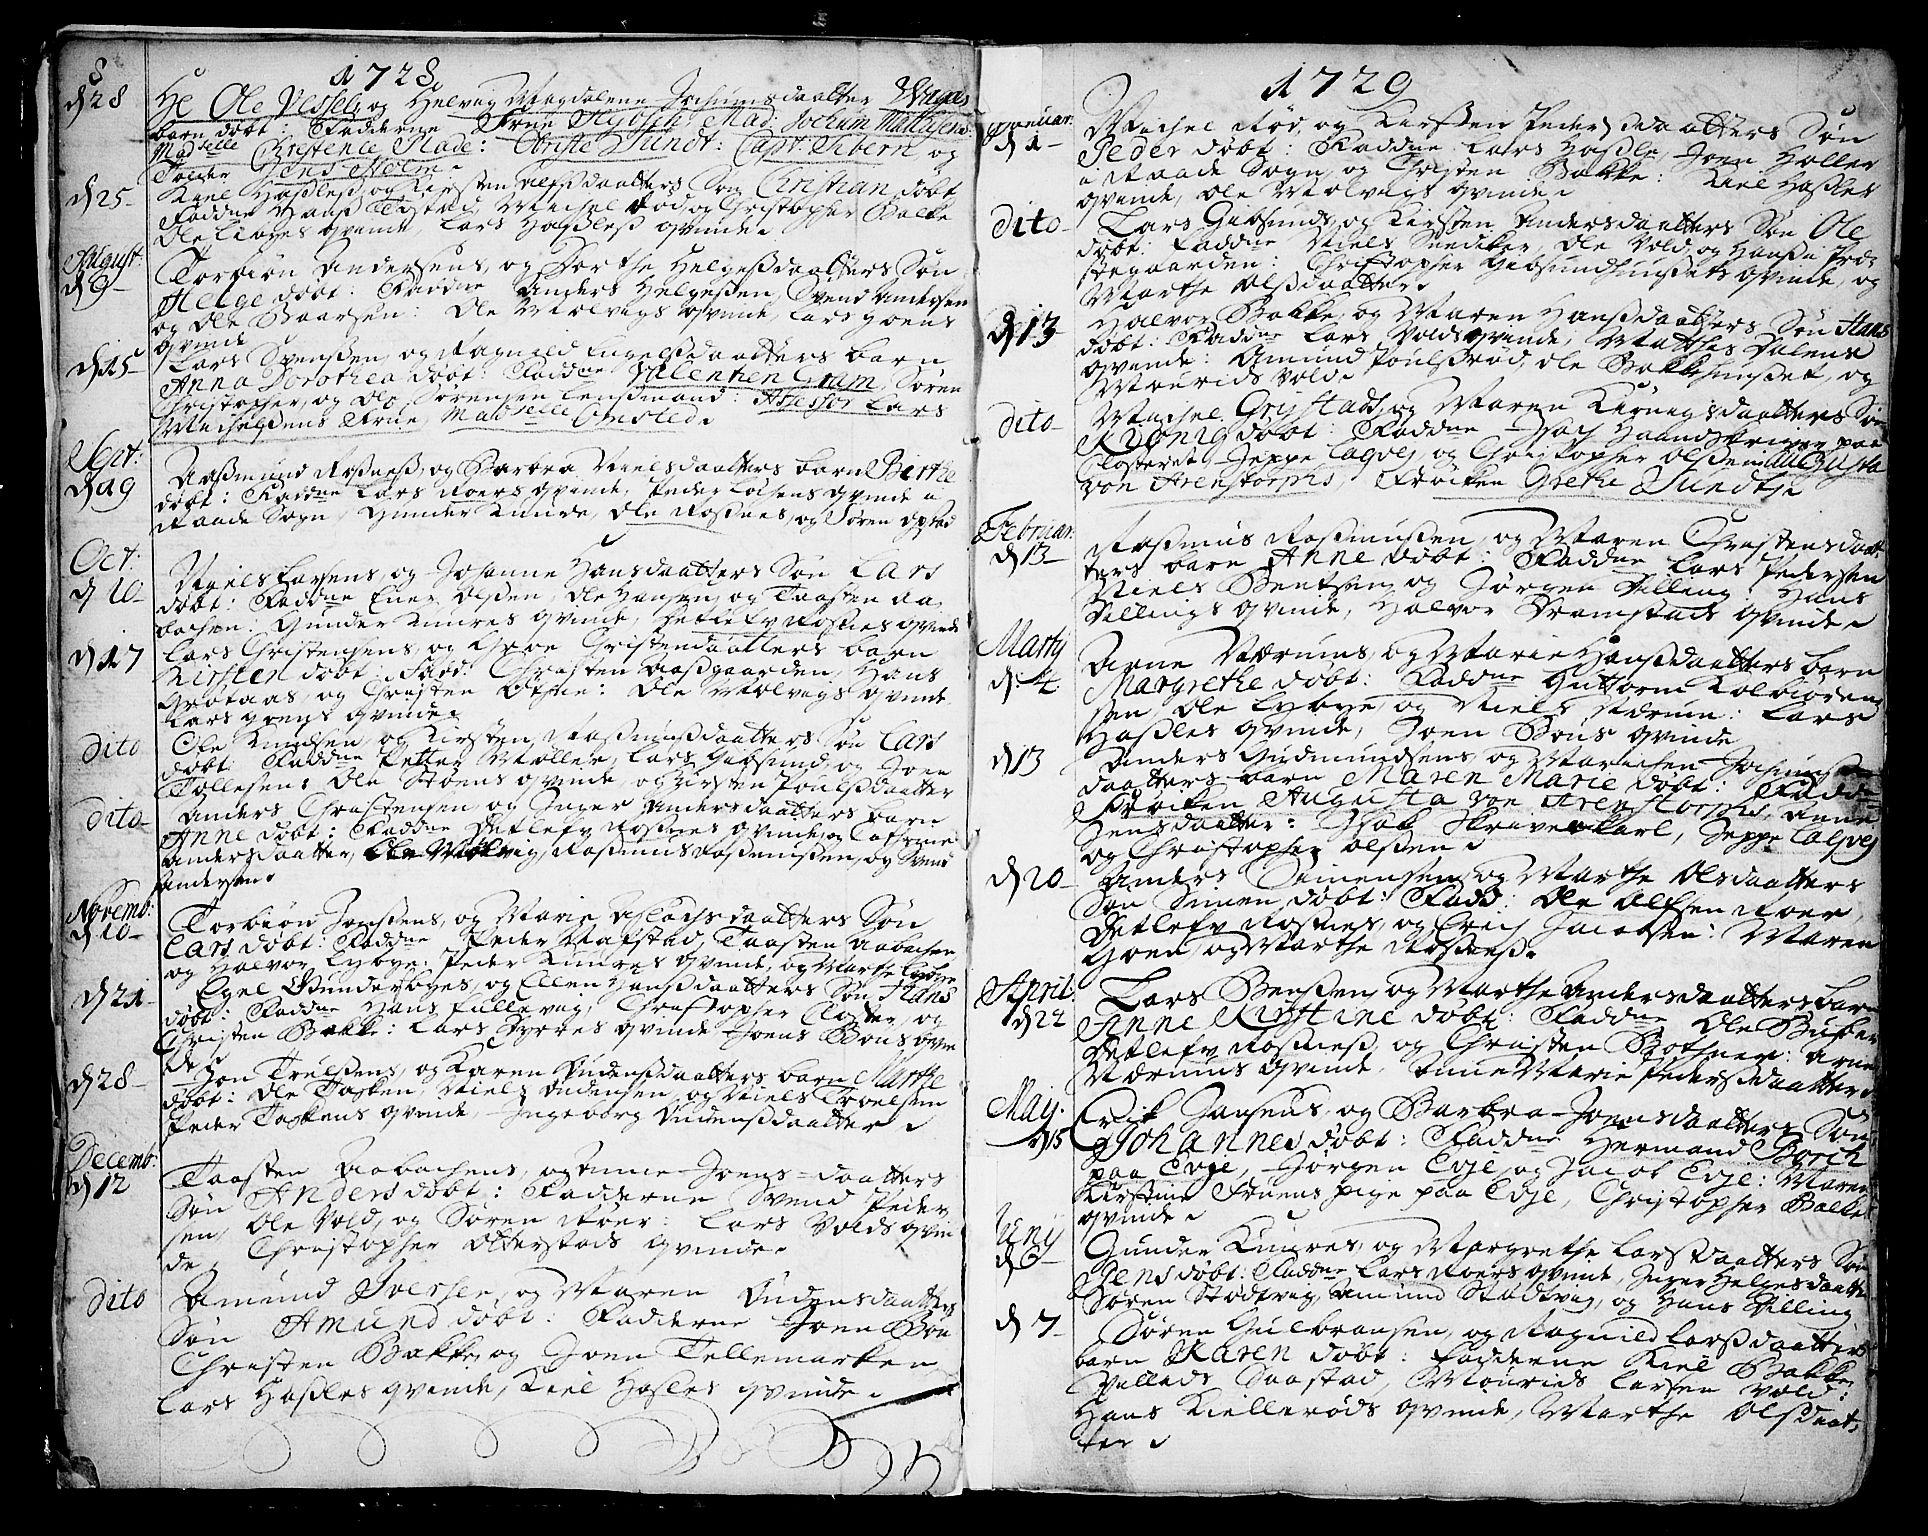 SAO, Rygge prestekontor Kirkebøker, F/Fa/L0001: Ministerialbok nr. 1, 1725-1771, s. 8-9